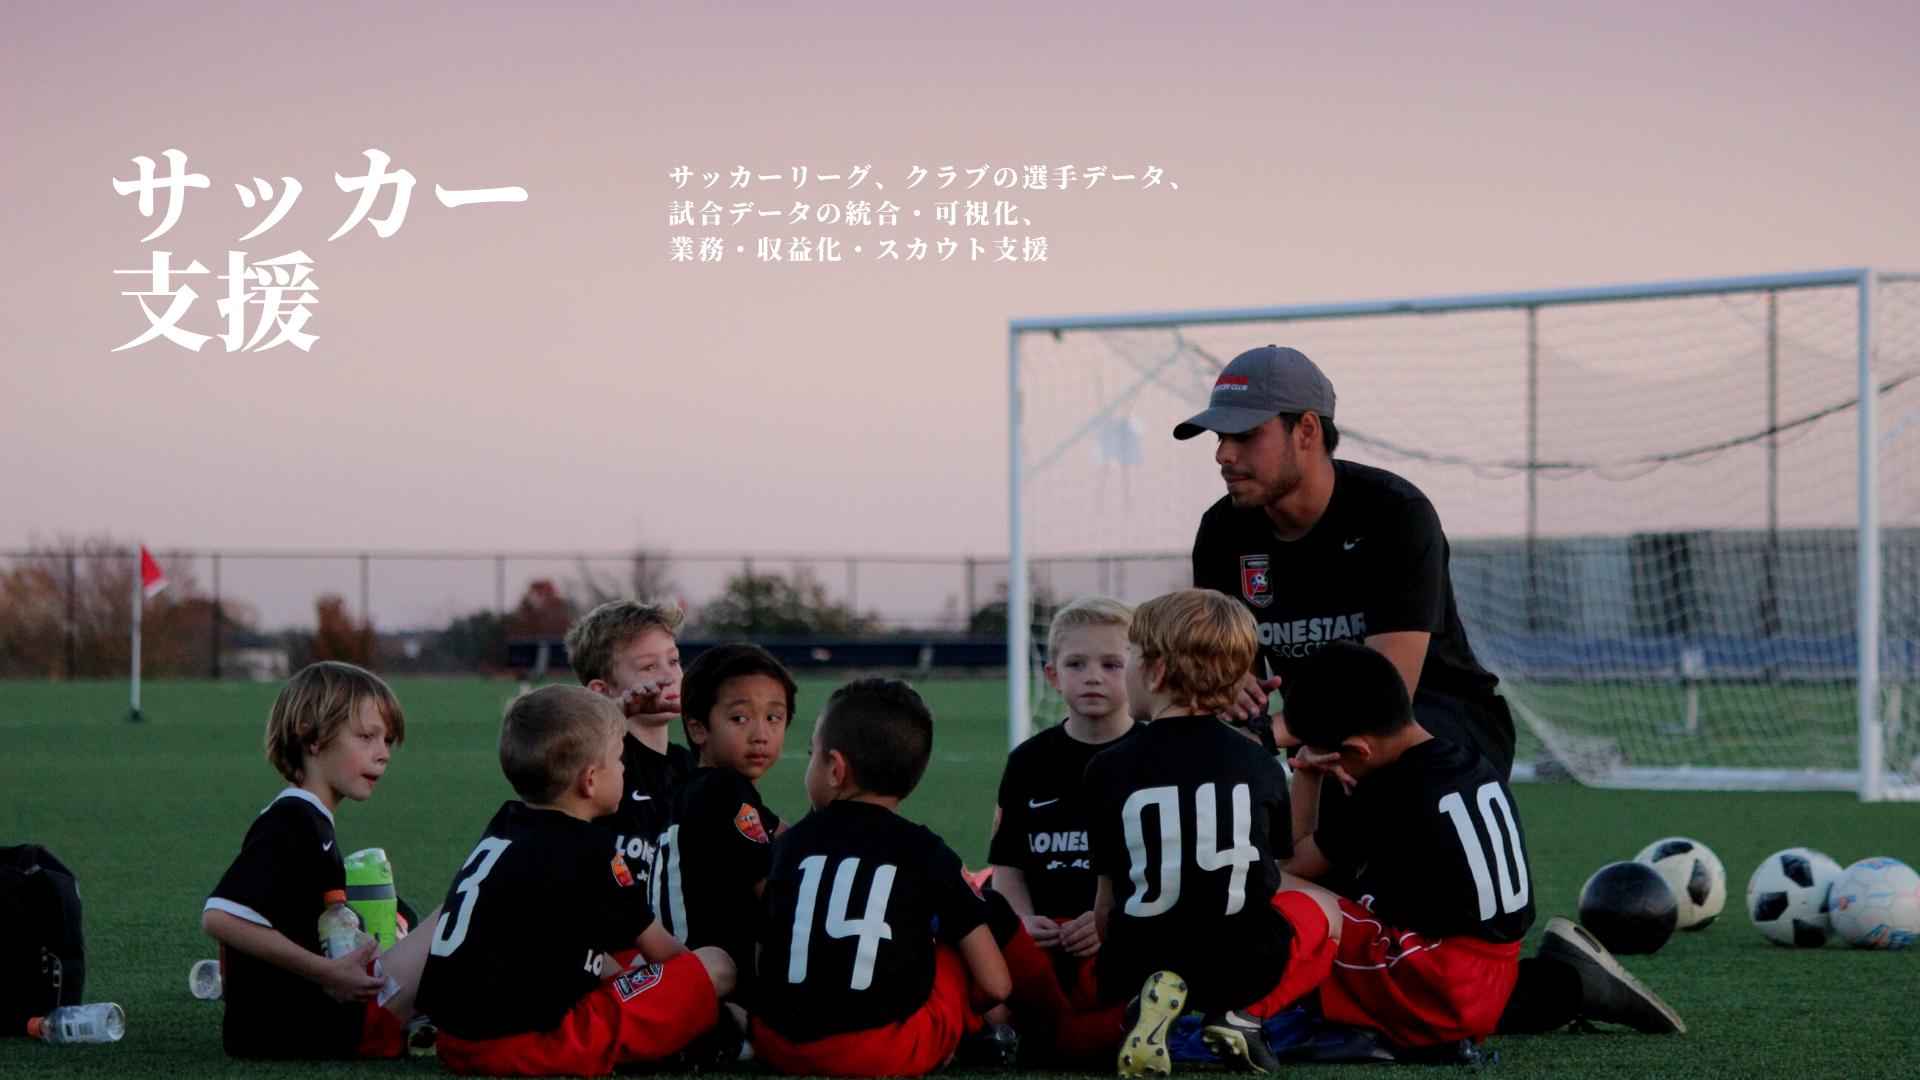 6.サッカー支援